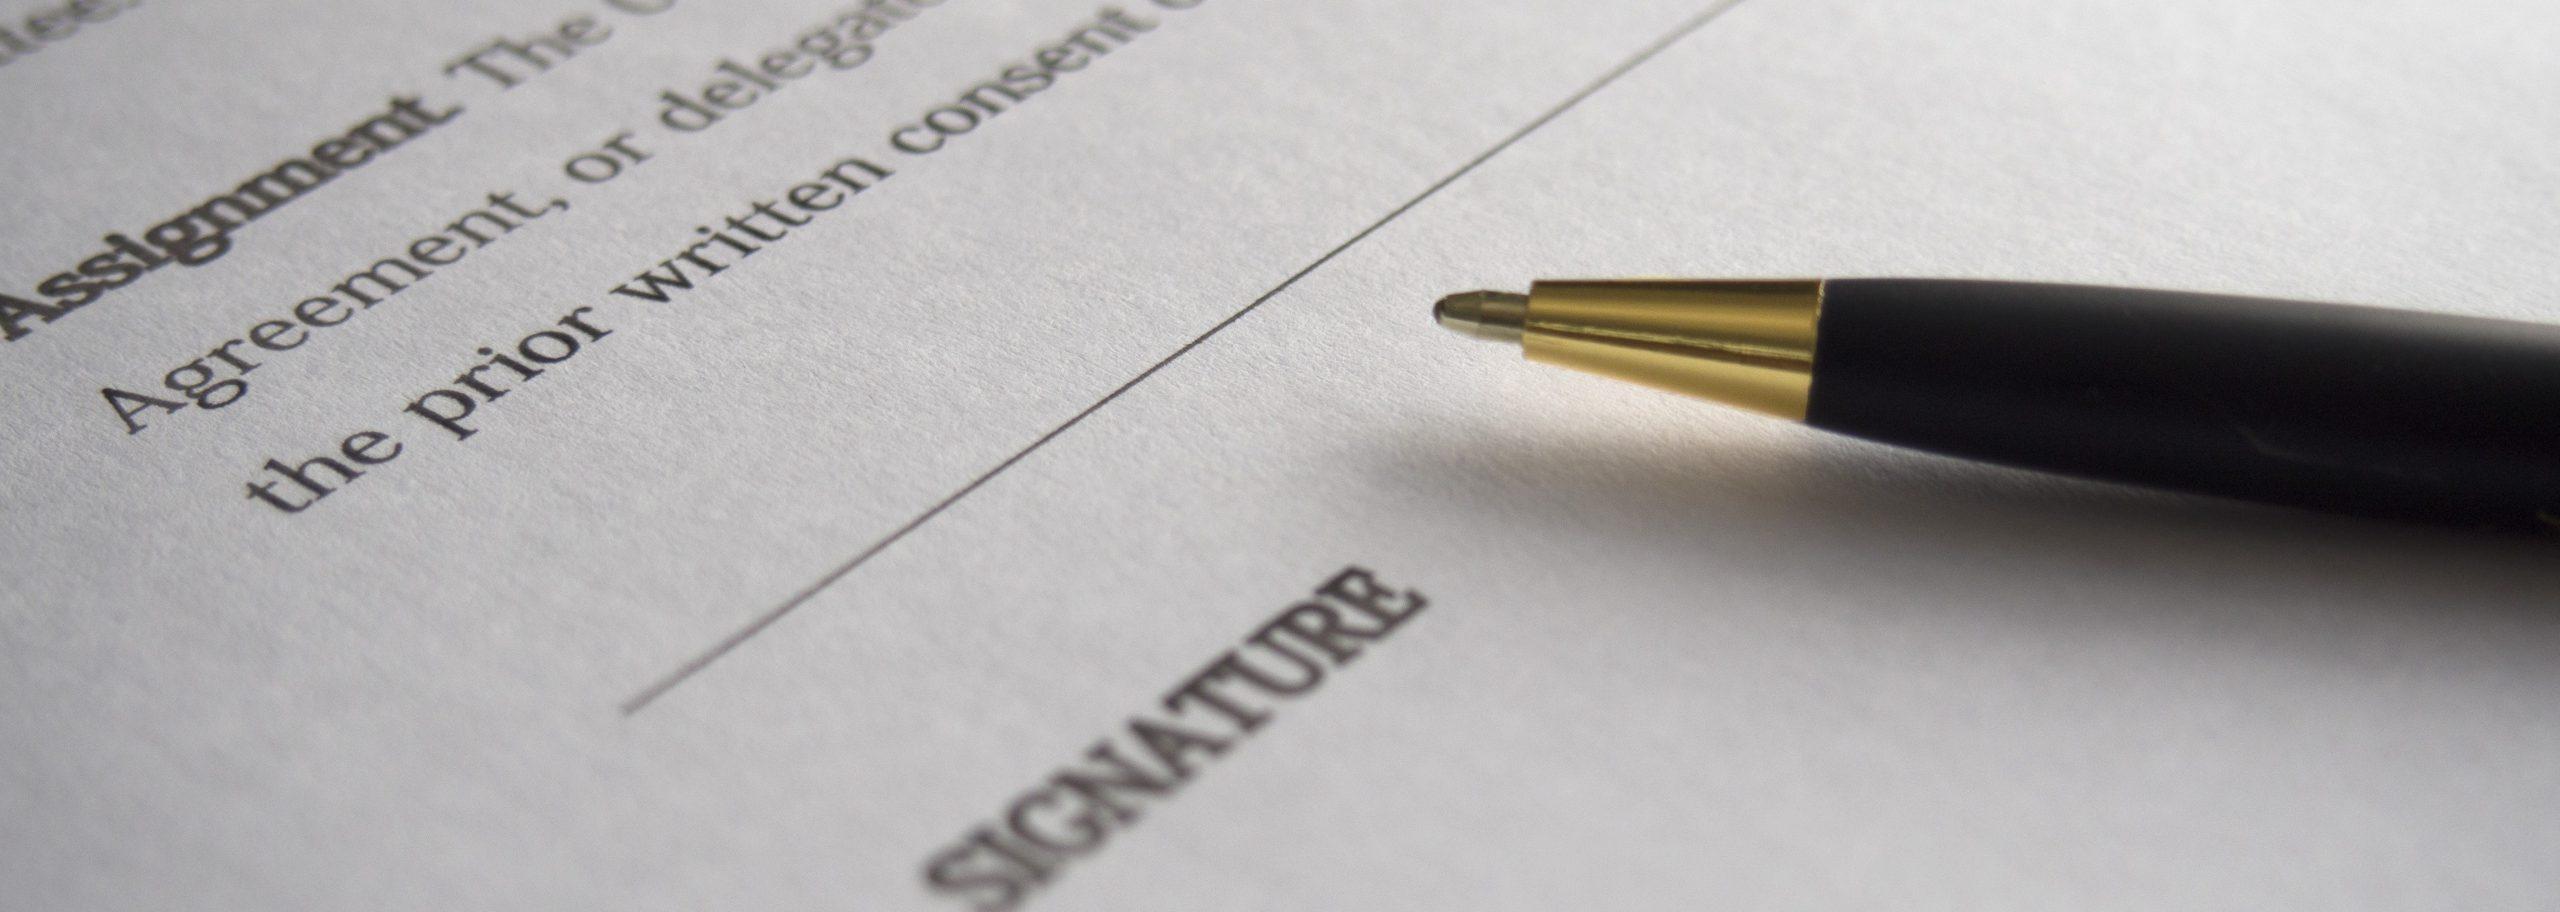 3 clausules waar je als freelancer nooit akkoord mee moet gaan!